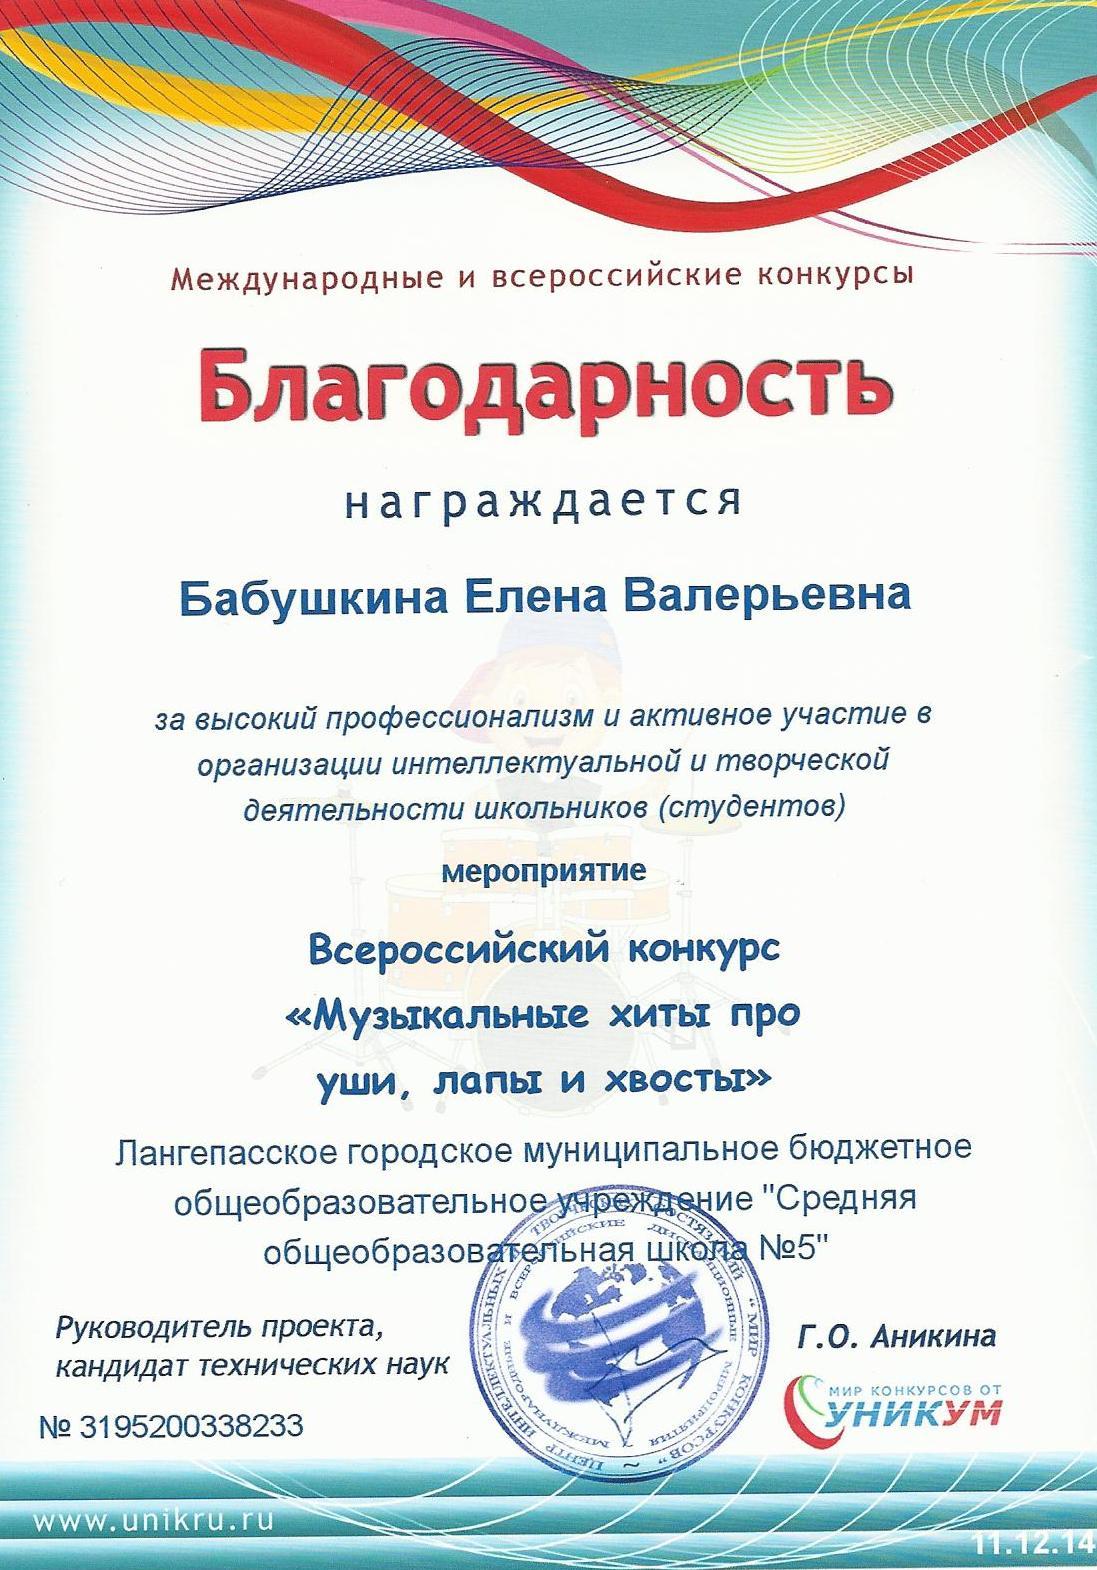 Приглашение для участие в творческом конкурсе